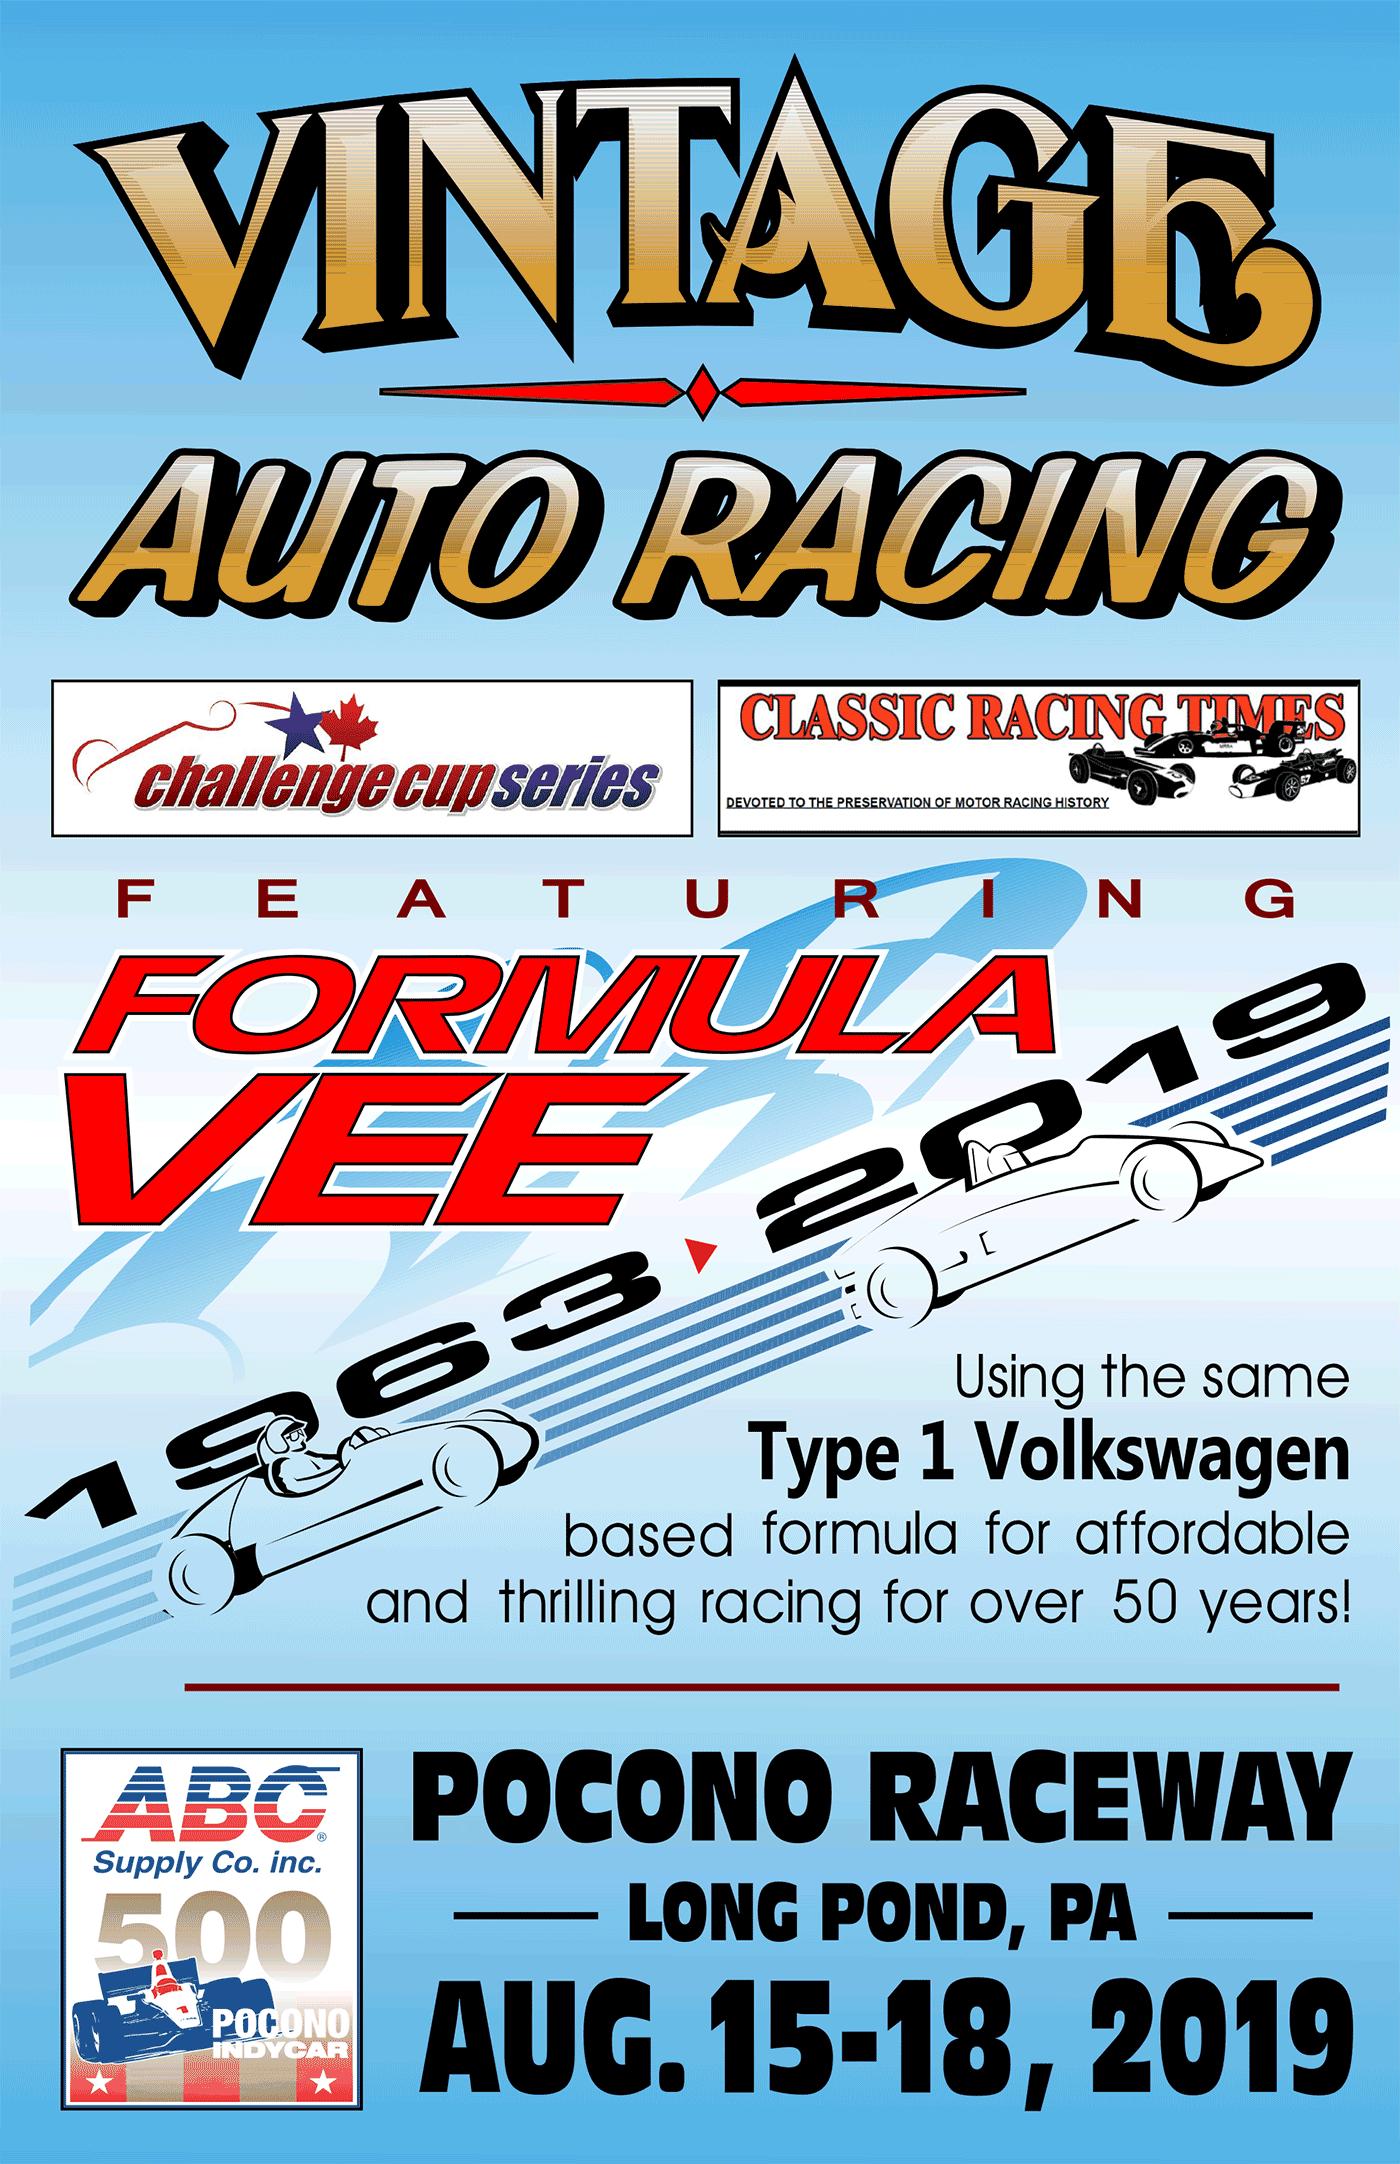 Vintage Auto Racing 2019